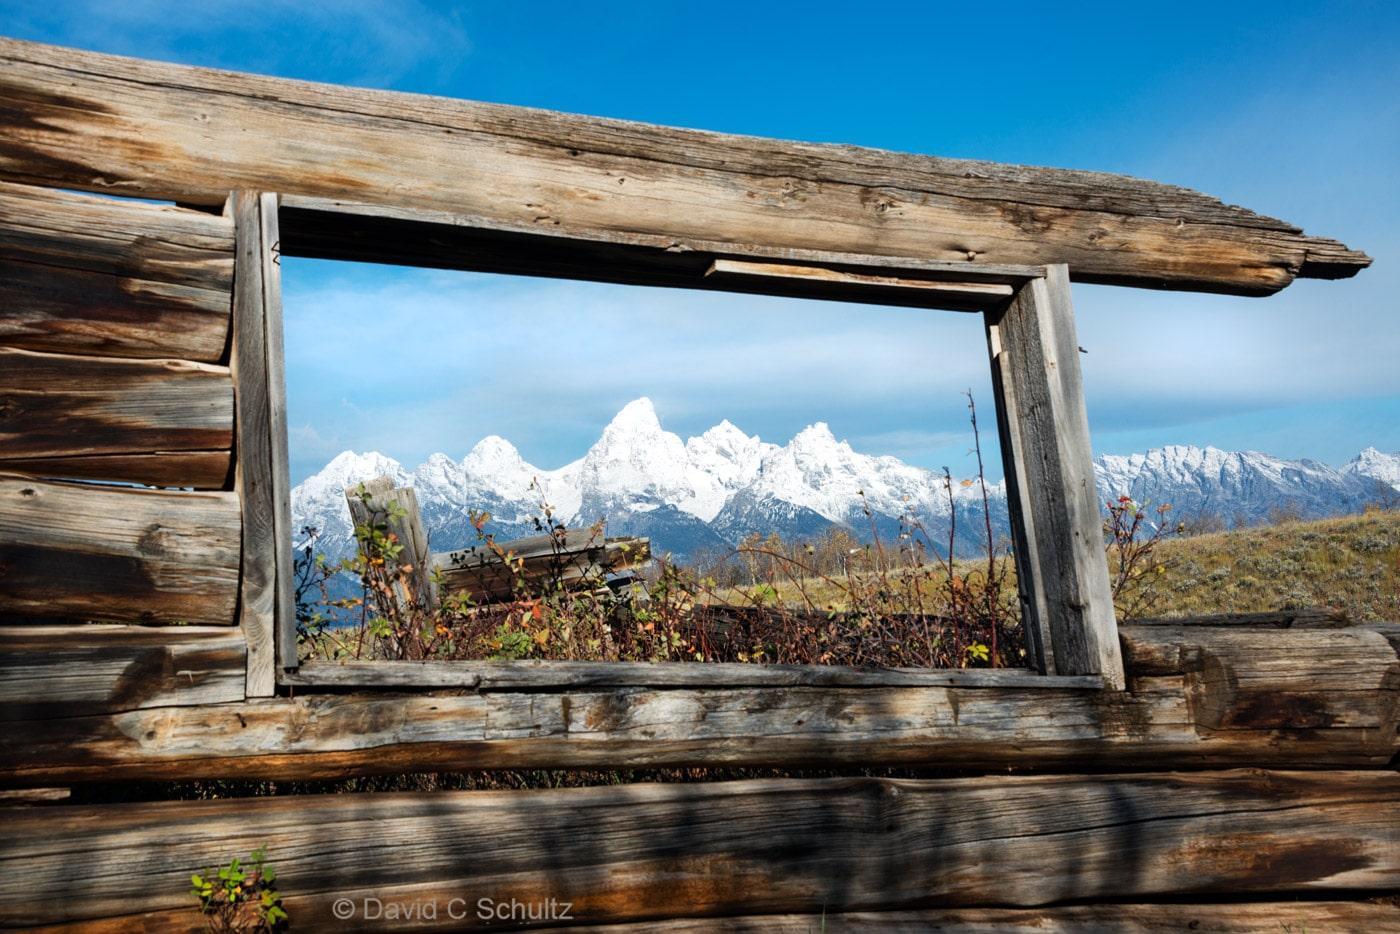 Teton National Park, WY - Image #44-2261